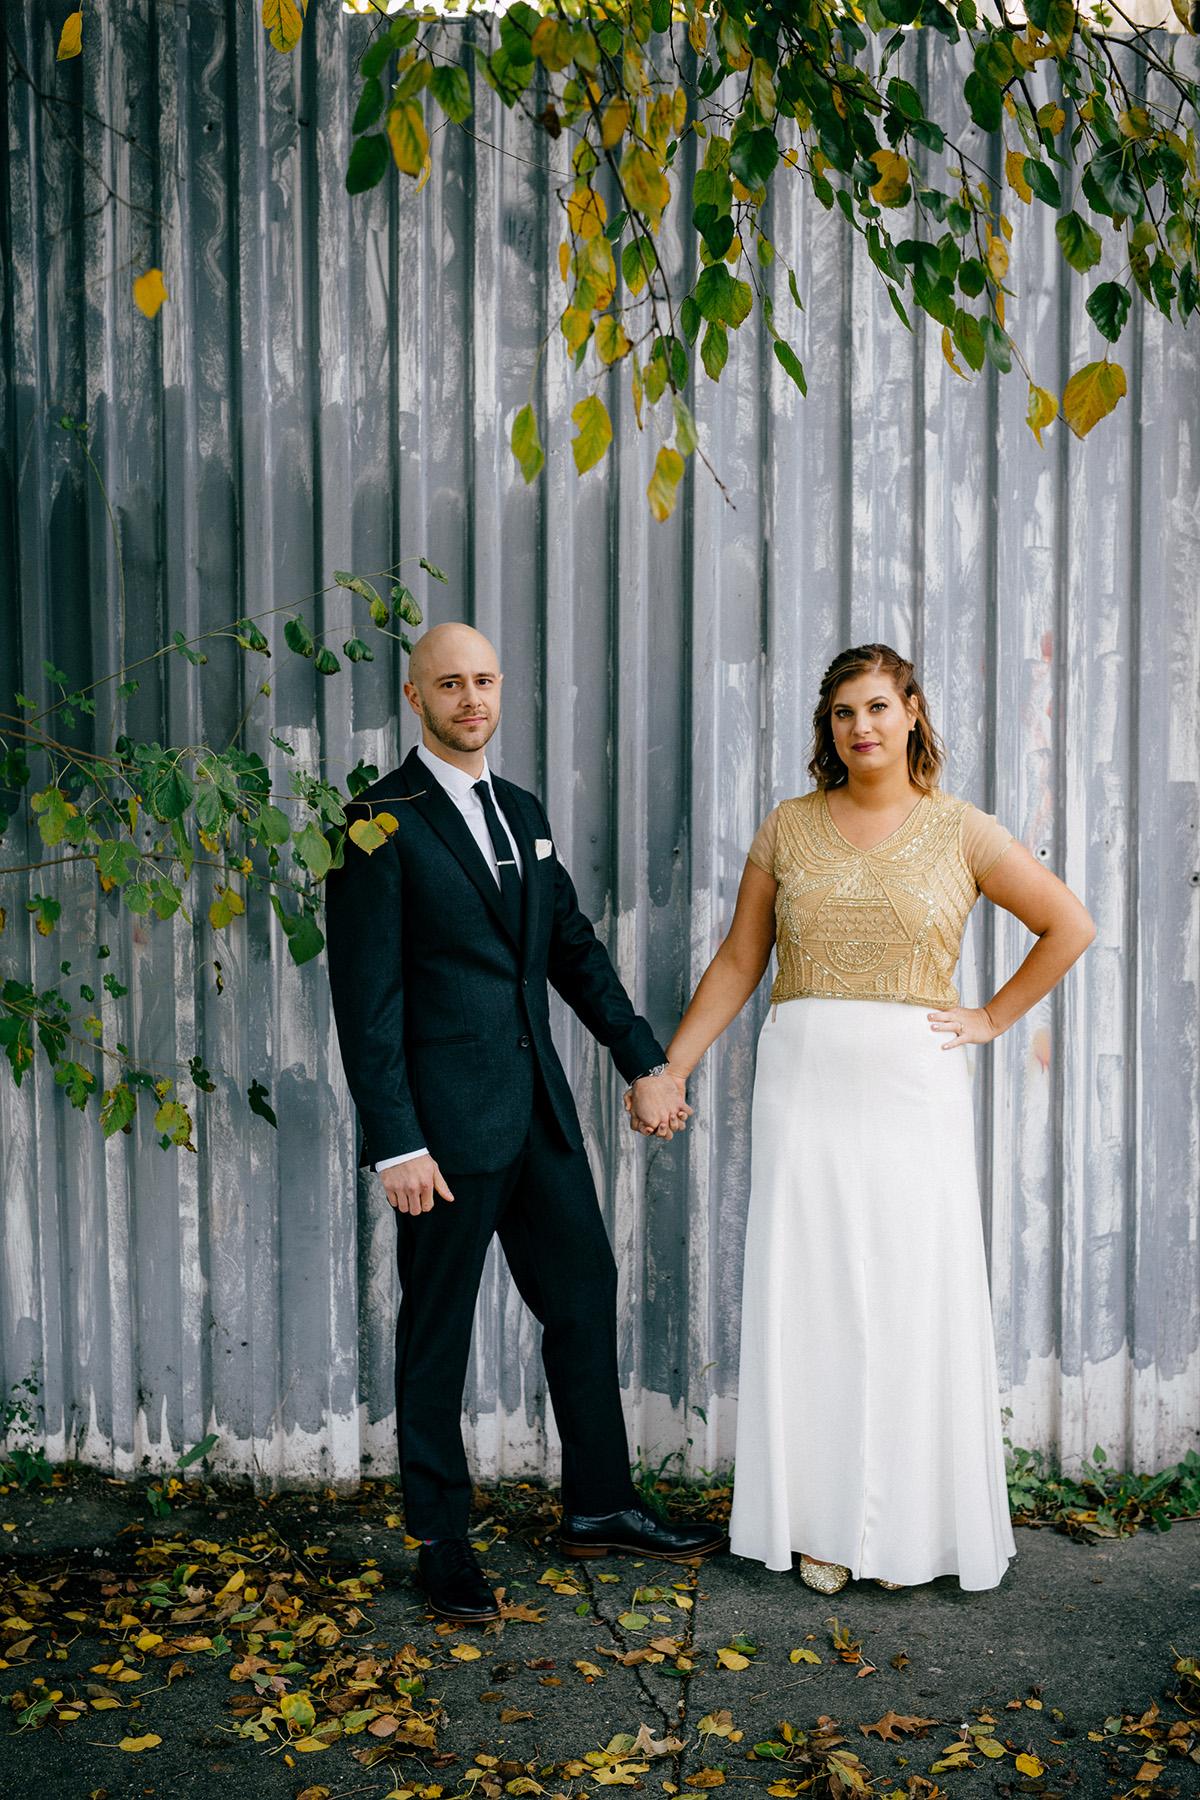 bahdeebahdu-wedding_008